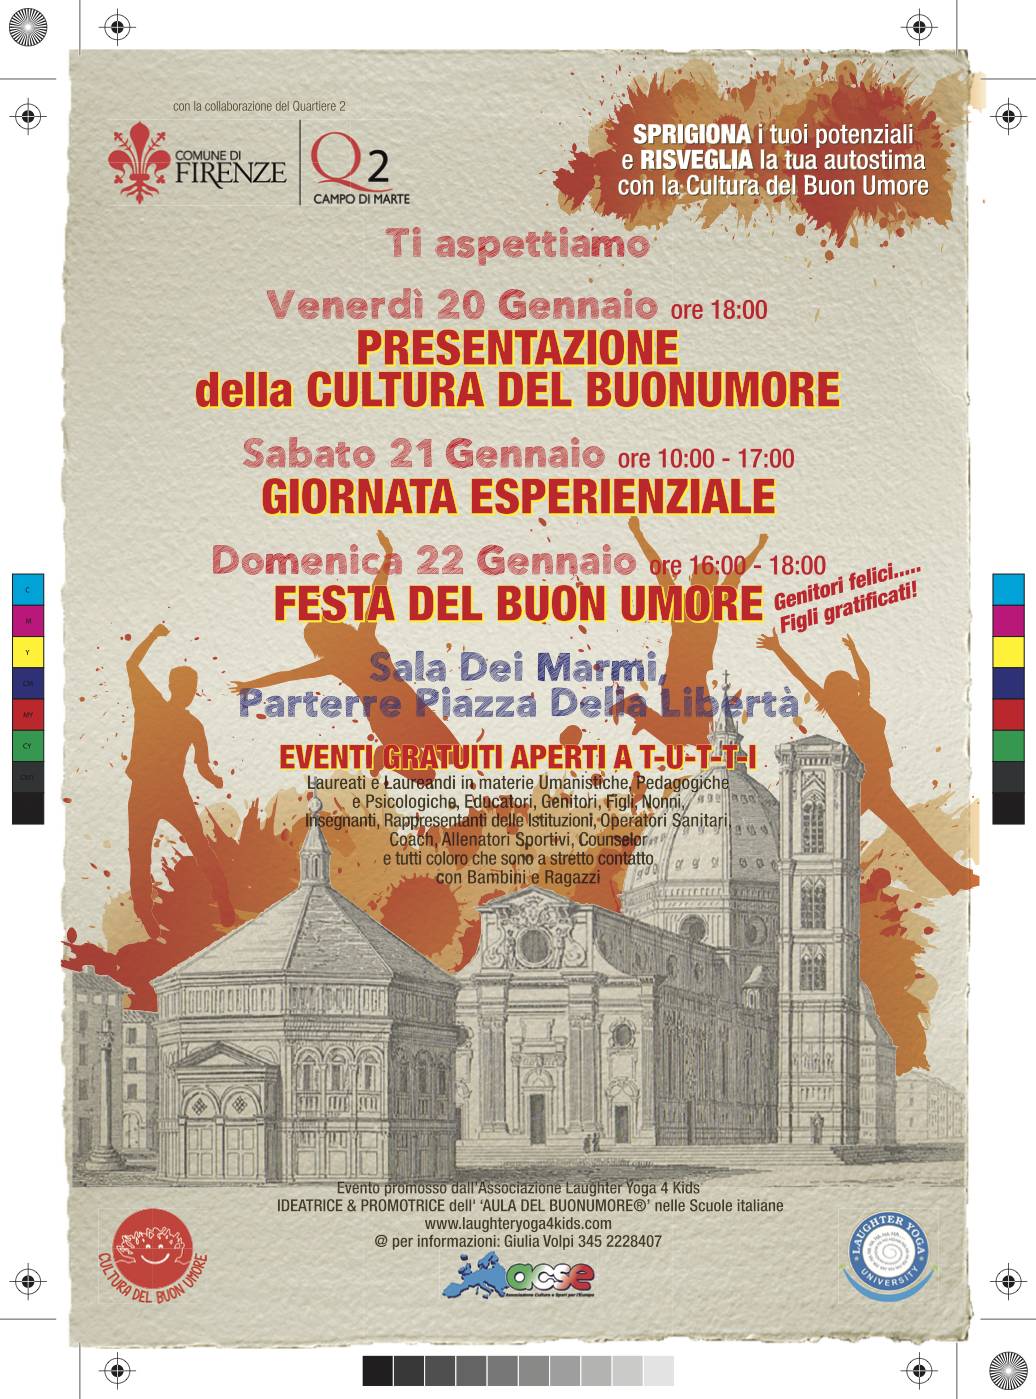 Fine settimana del buonumore Firenze 20-21-22 gennaio 2017